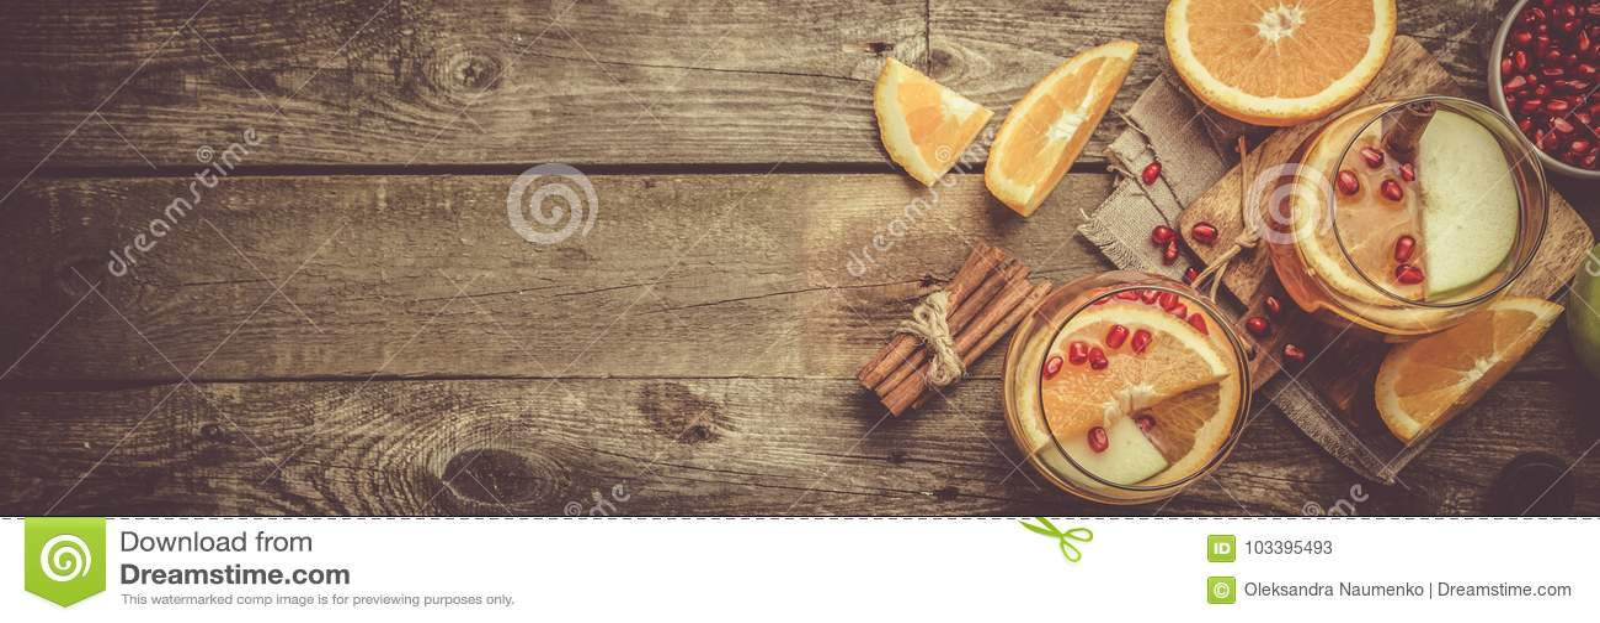 Rozmyślający wino z pomarańczami, granatowiec